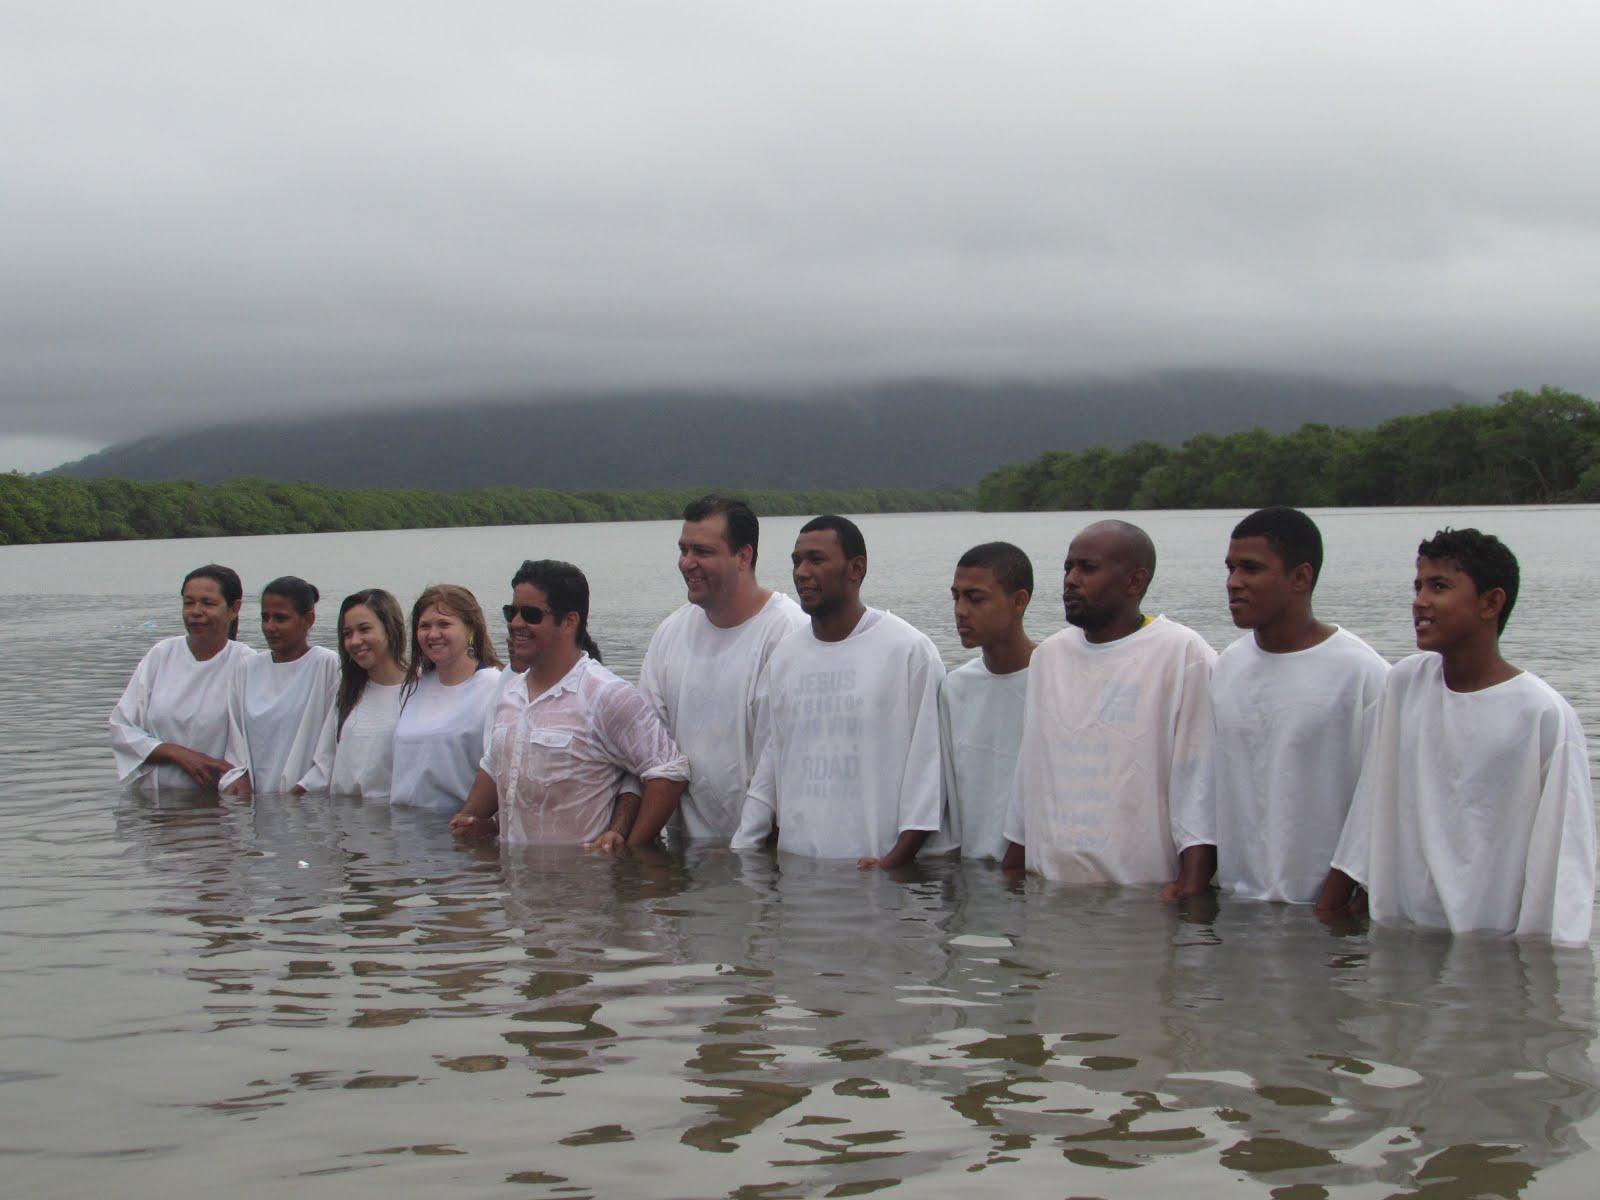 Batismo nas águas 2015: